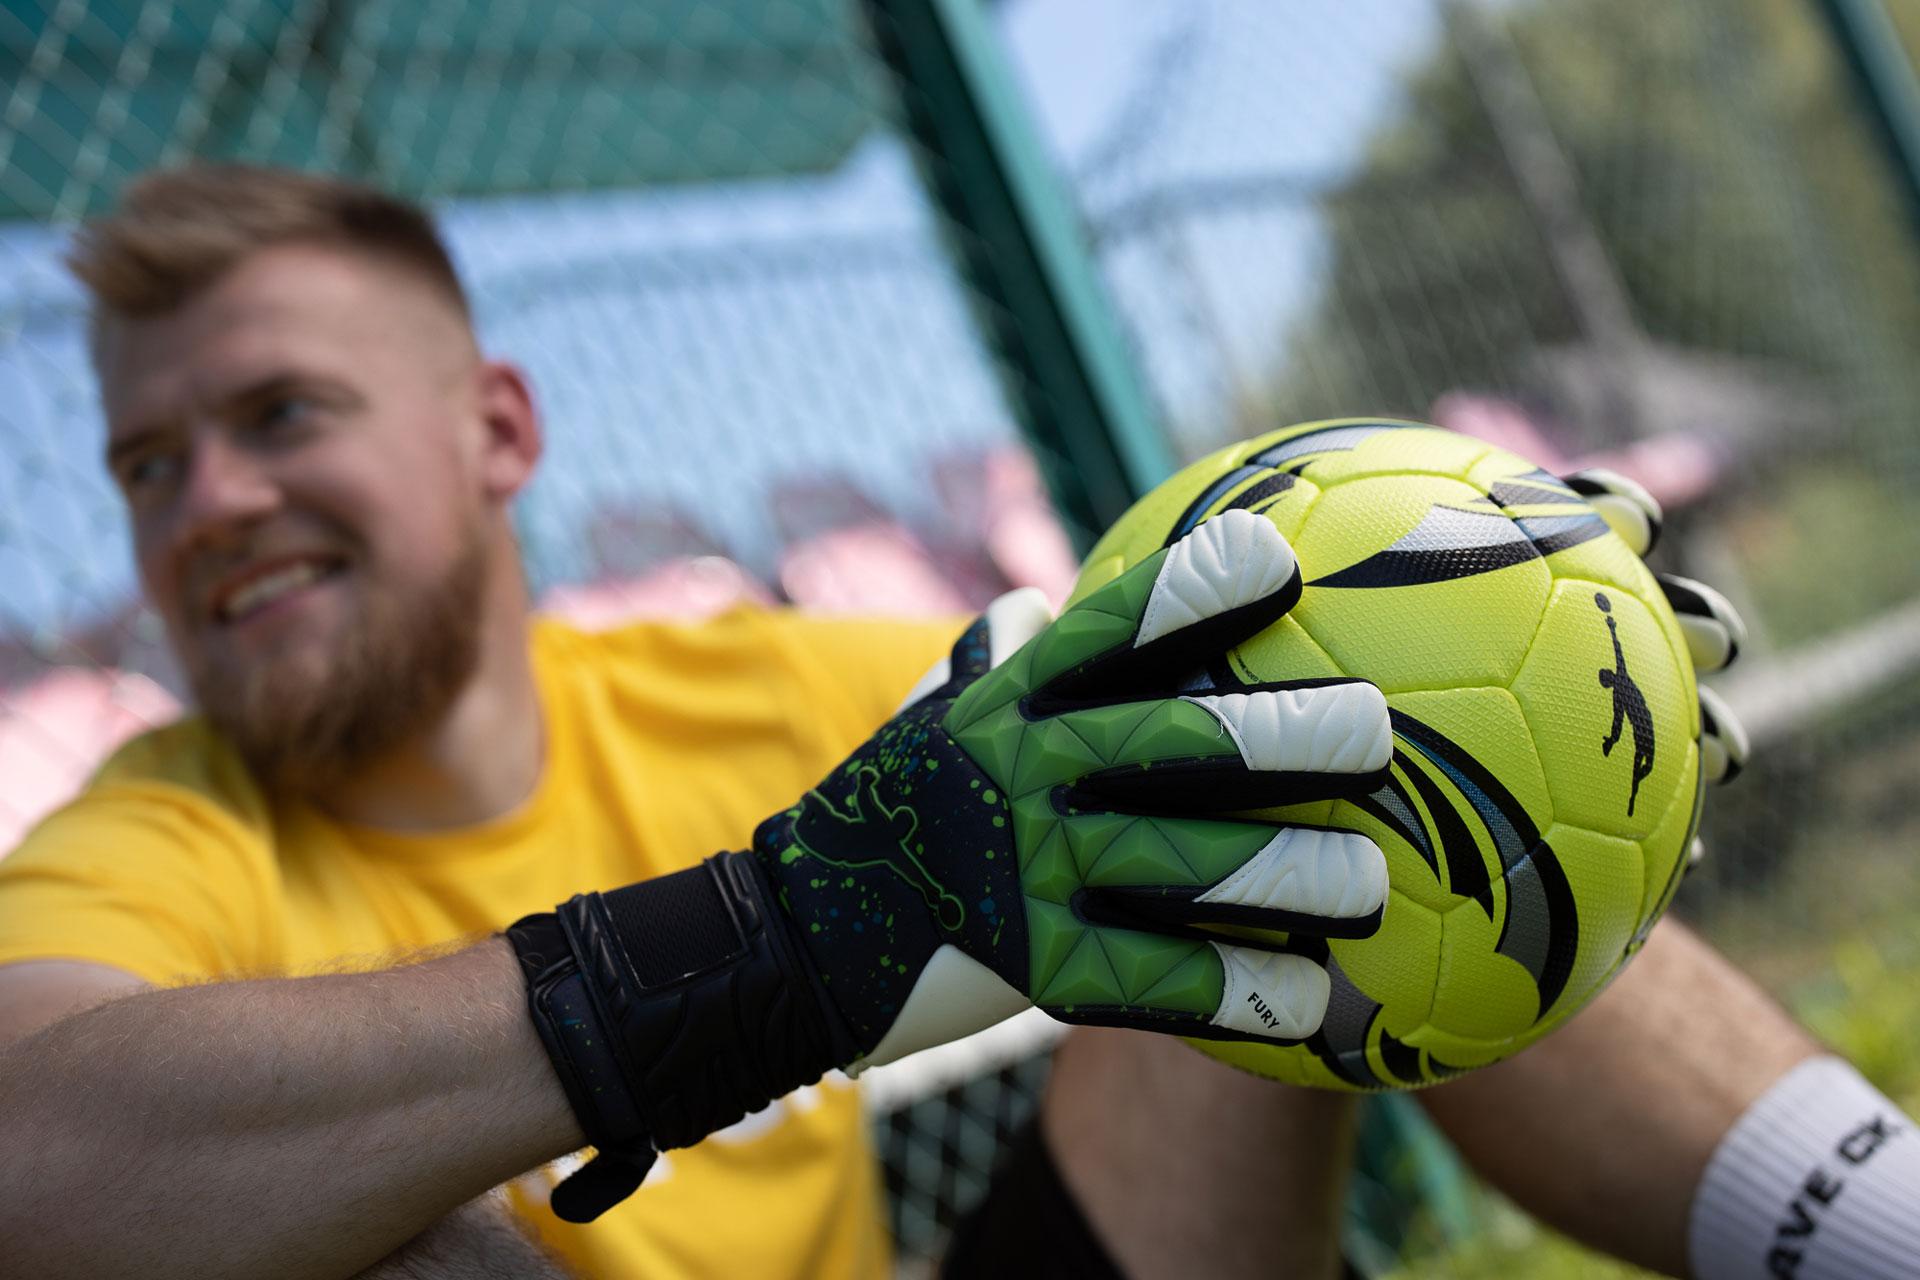 Нова колекція воротарських рукавиць Brave GK - ексклюзивний дизайн і функціональність - офіційний інтернет-магазин Brave GK